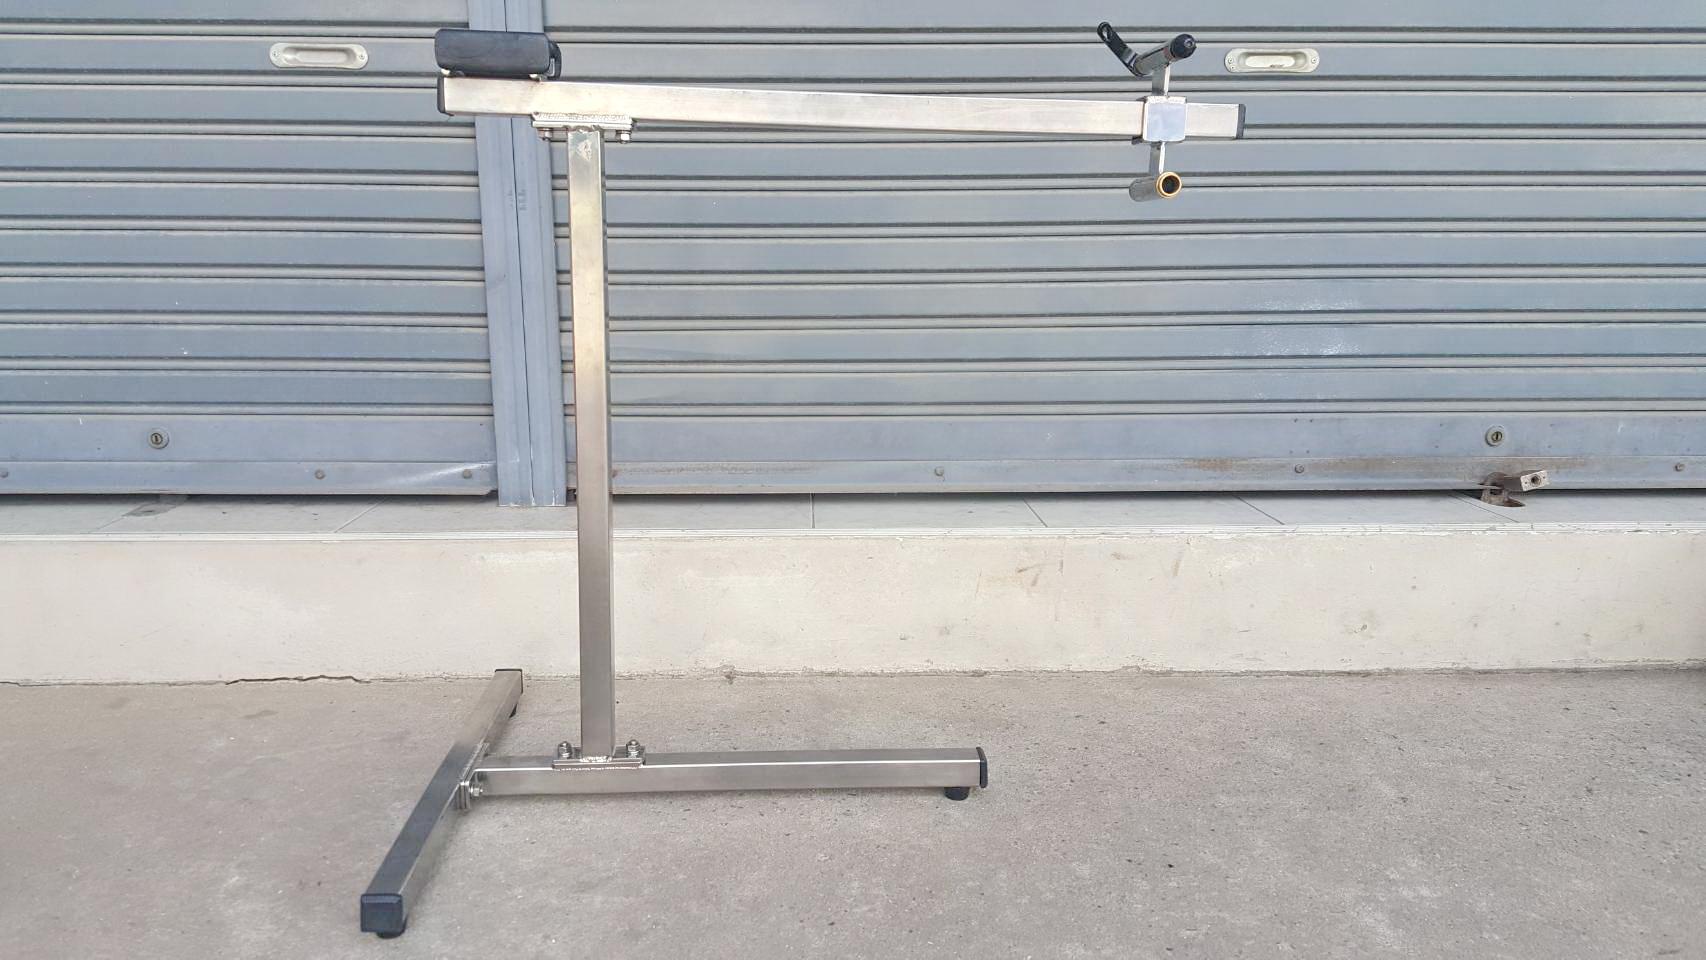 แท่นซ่อมจักรยาน งาน DIY วัสดุแสตนเลส ไร้สนิม น้ำหนักเบา มั่นคง แข็งแรง ที่ร้านใช้รุ่นนี้